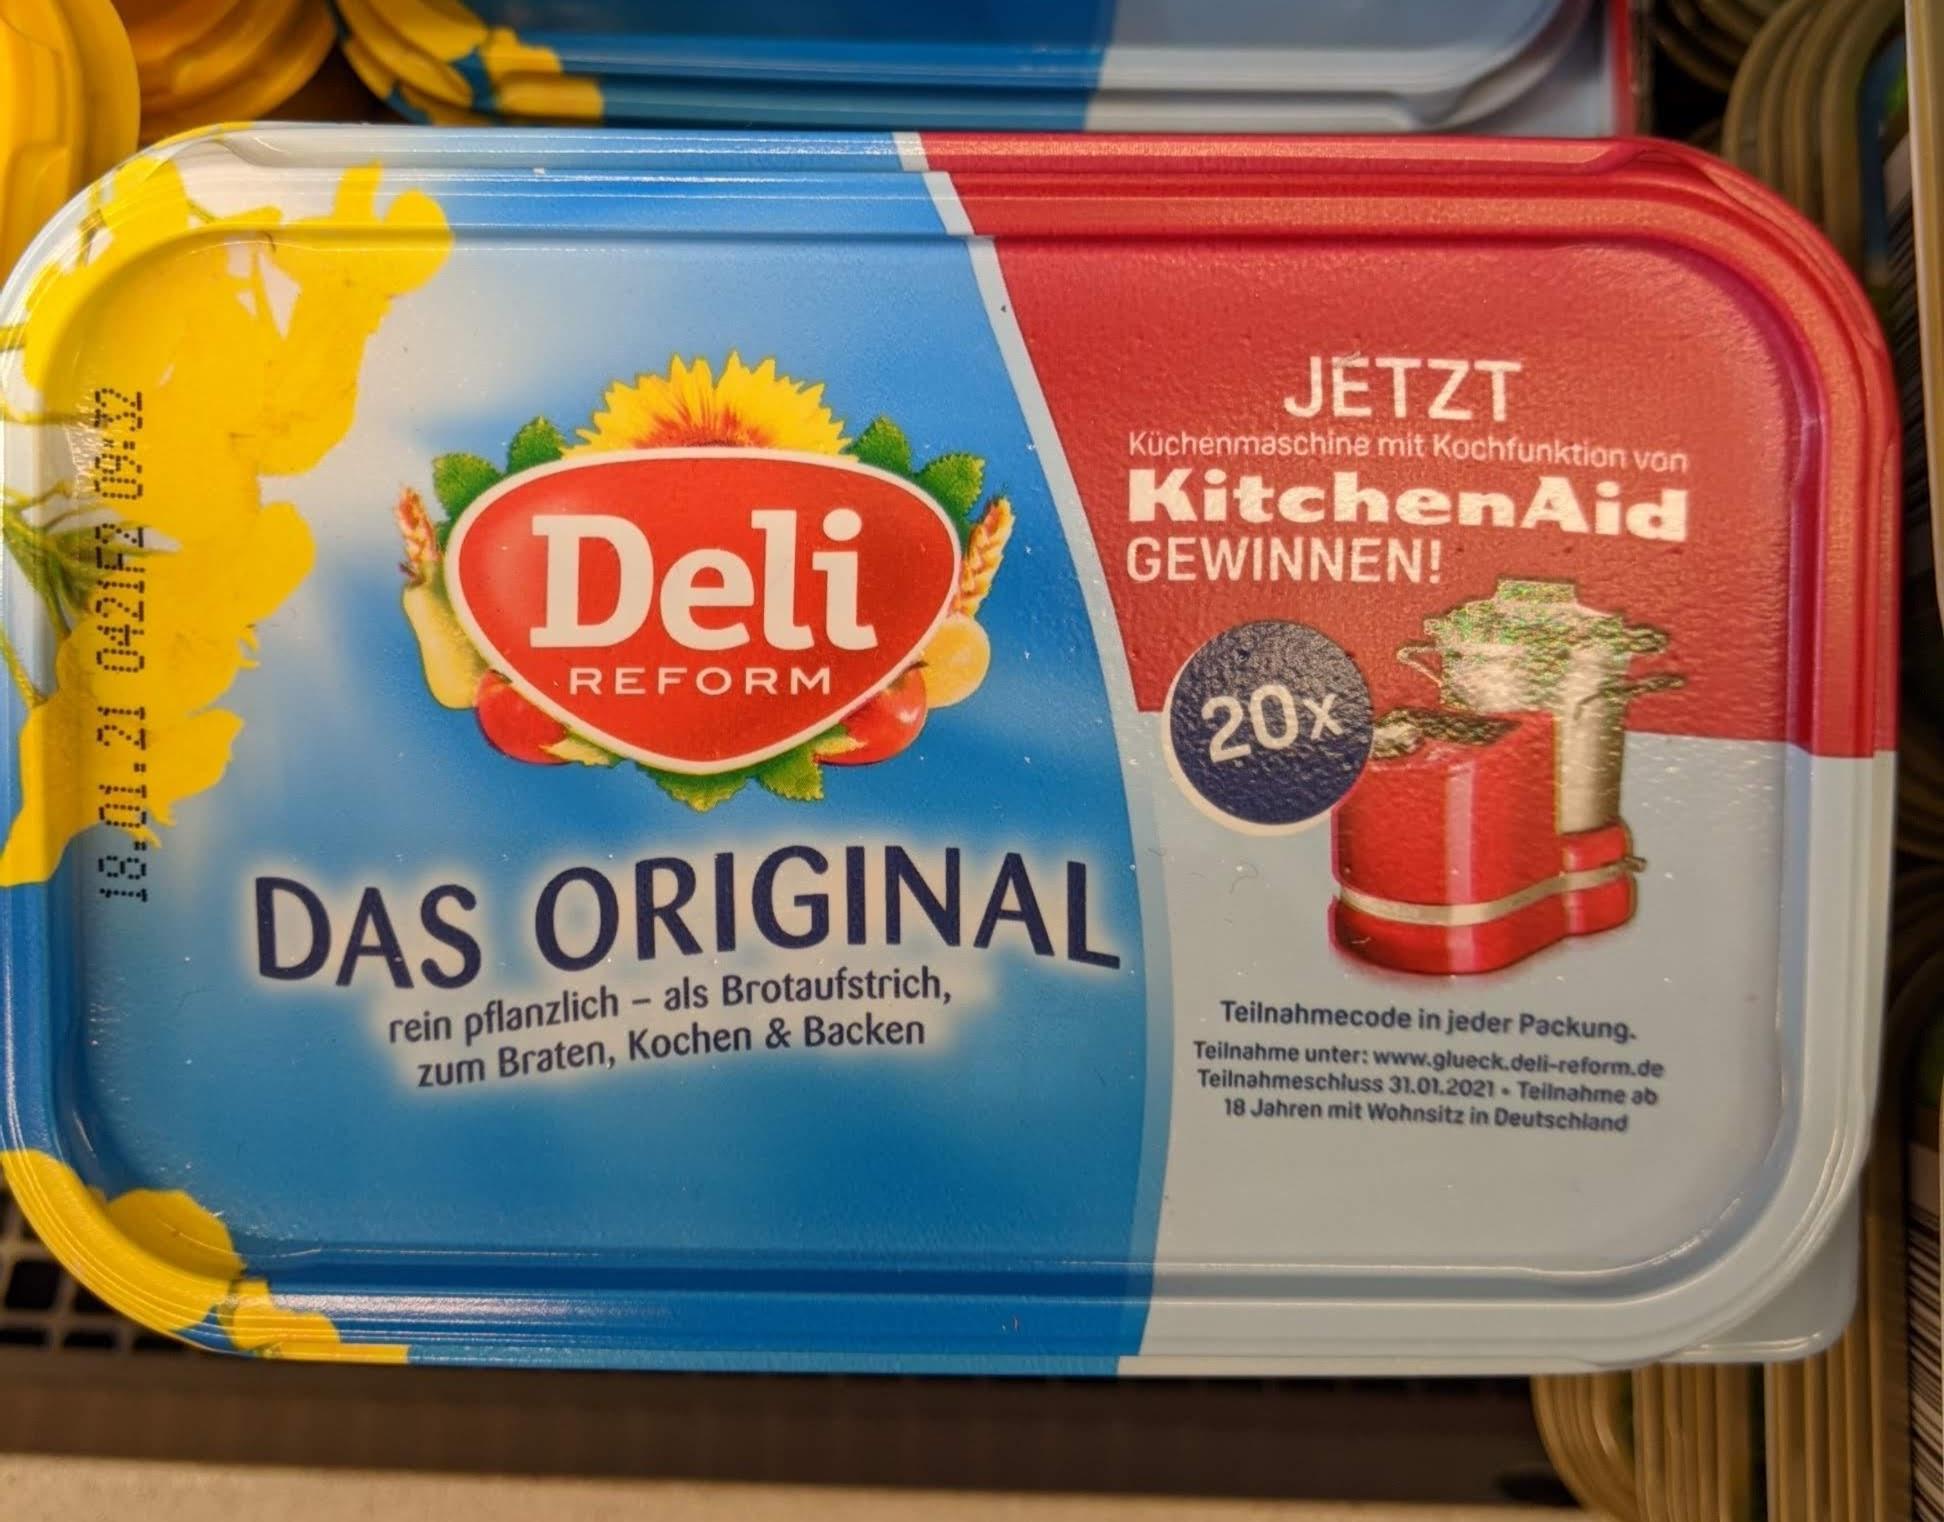 Kitchen Aid Gewinnen